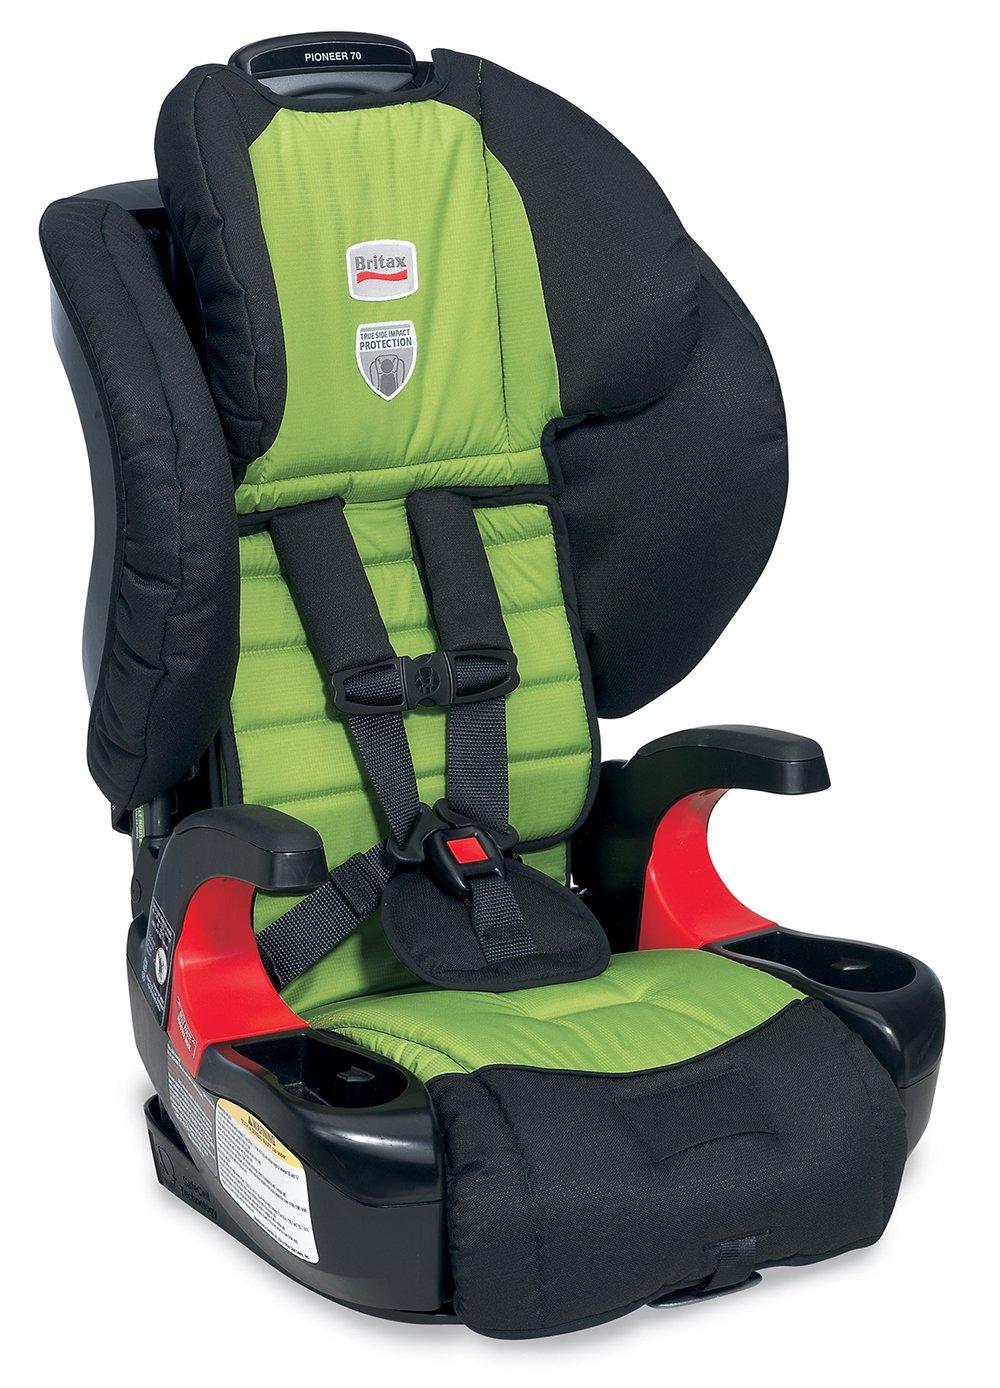 Britax Kiwi Car Seat